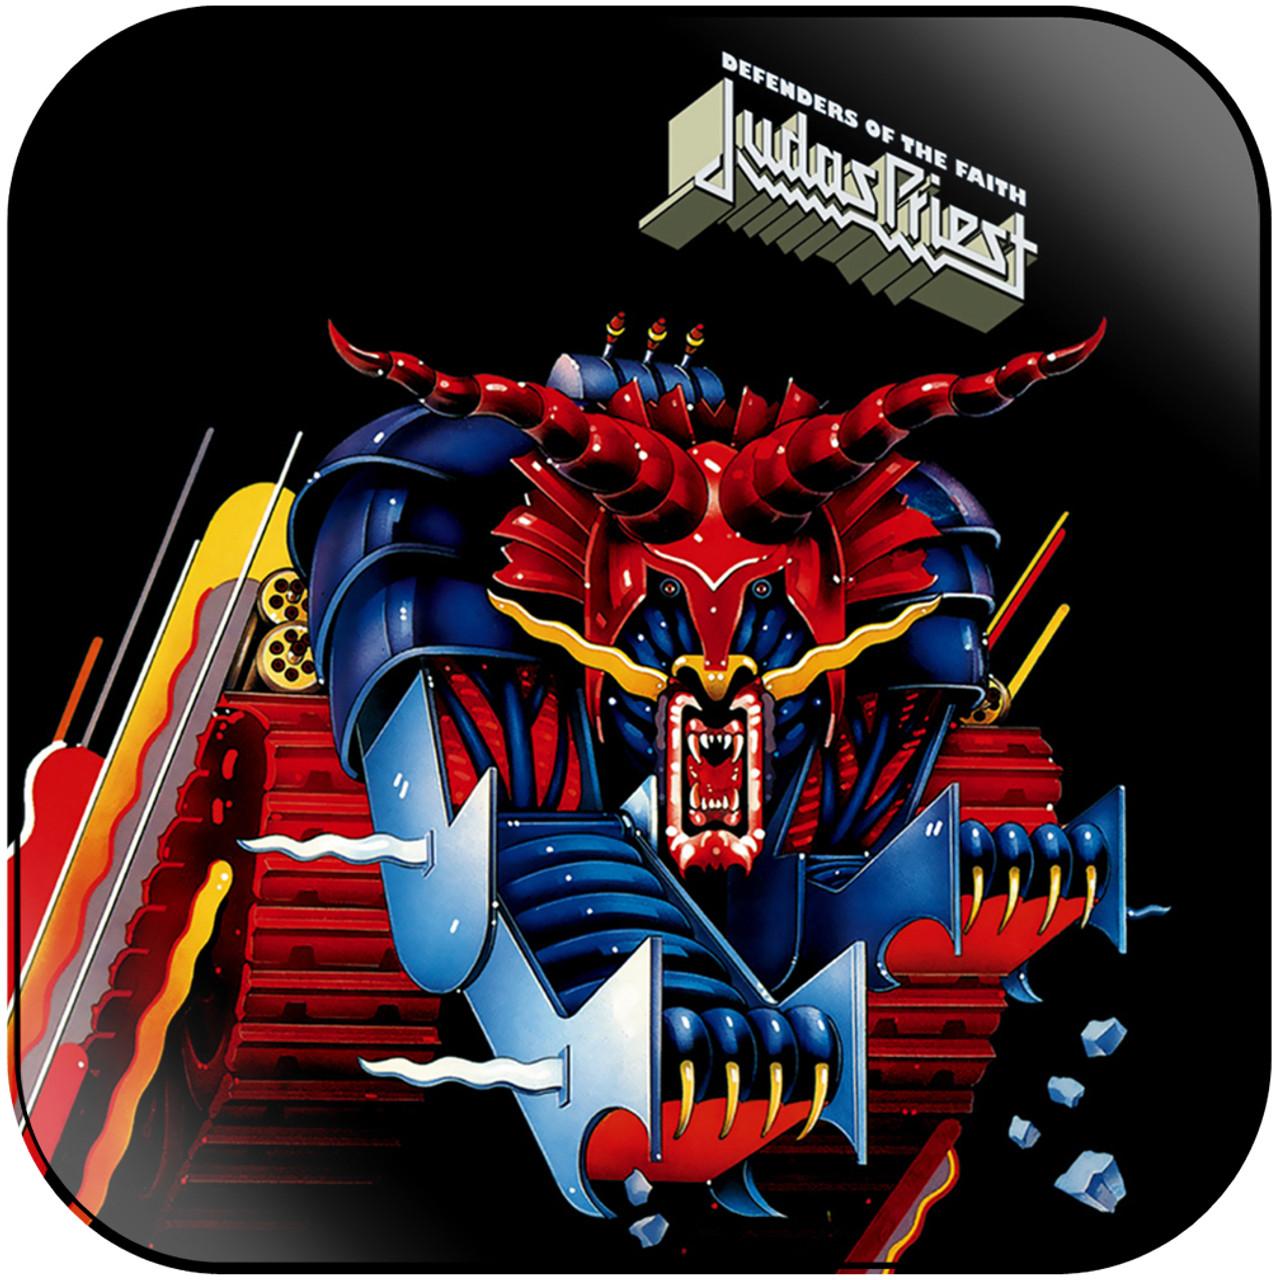 Judas Priest Screaming for Vengeance 3 x 3 Album Cover Sticker